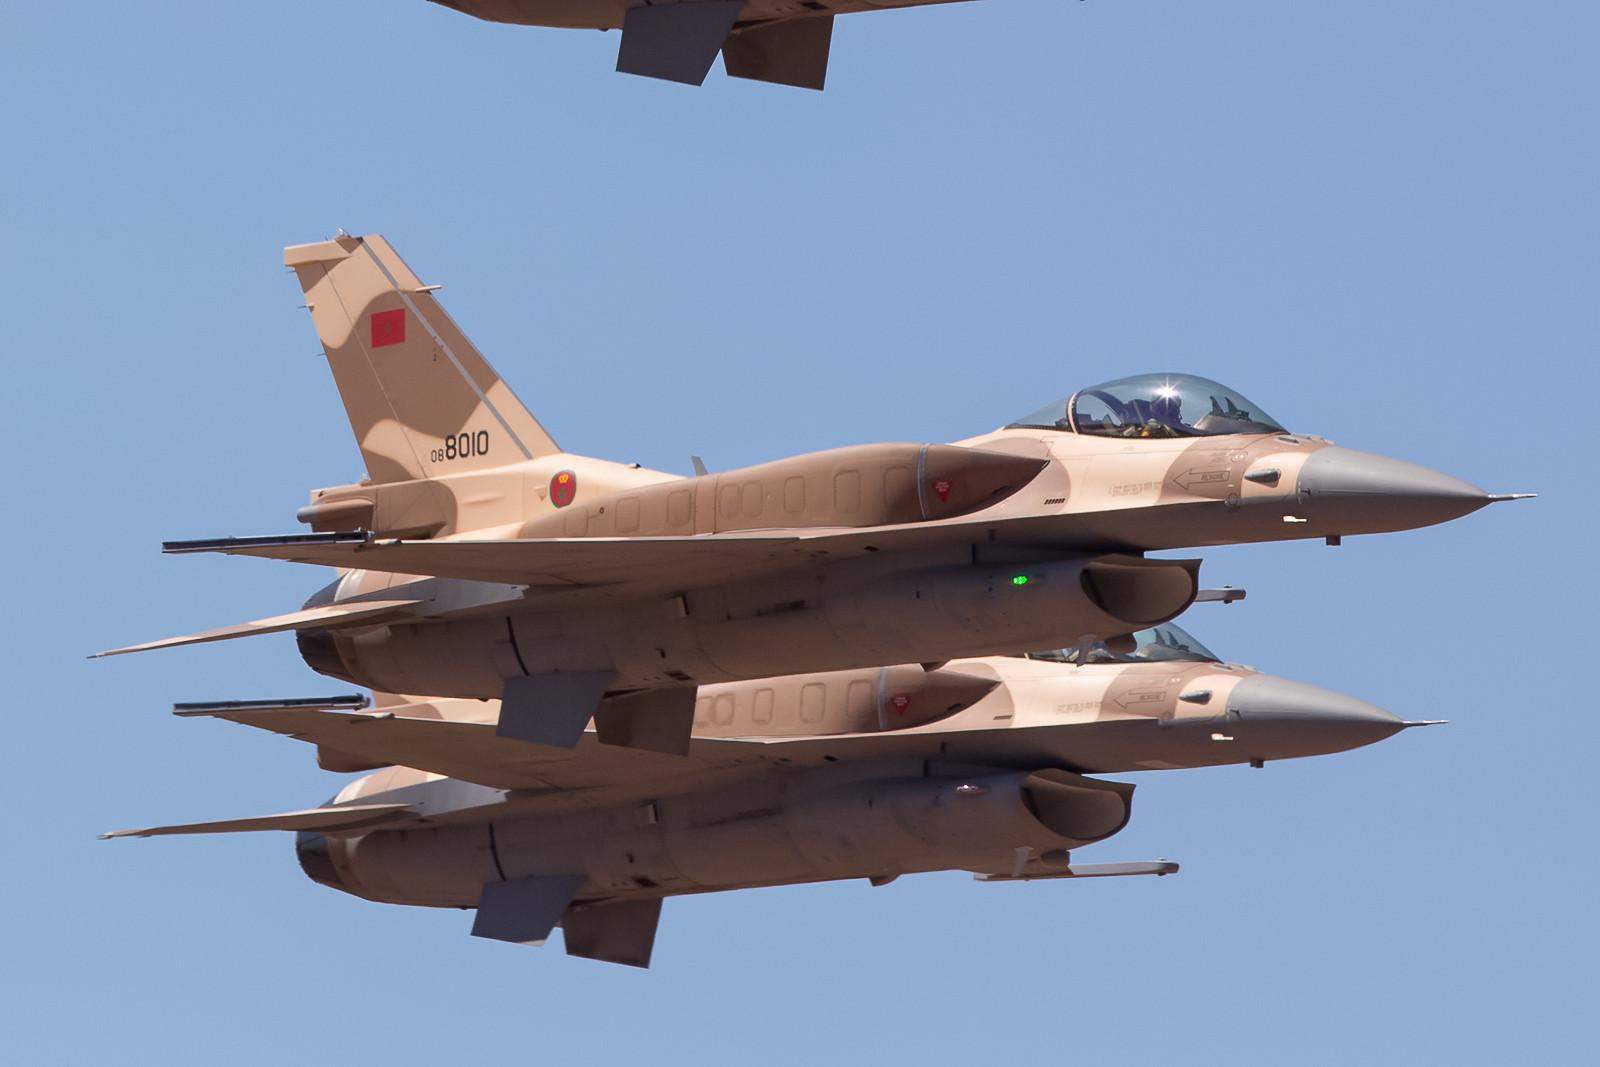 24 Stück der F-16 C/D Block 52 sind bei der RMAF derzeit im Einsatz.